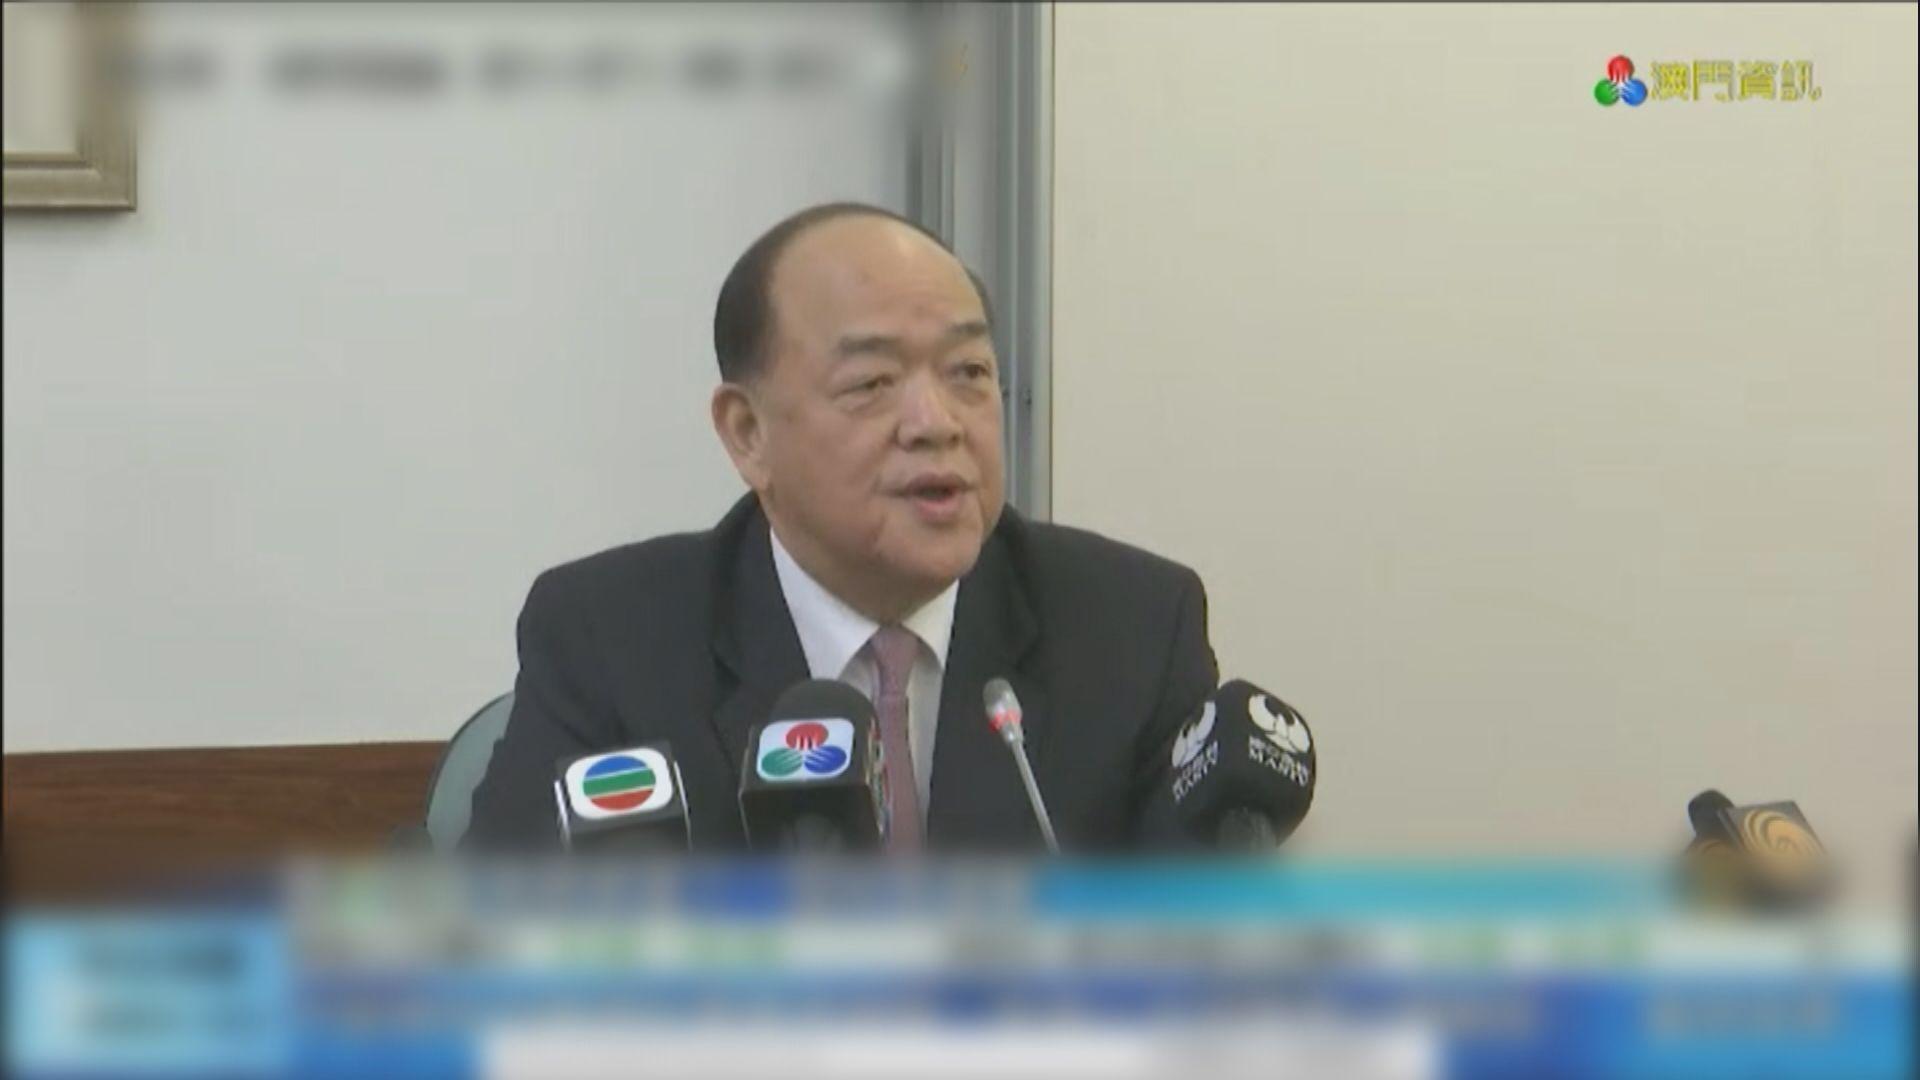 賀一誠宣布參加澳門行政長官選舉